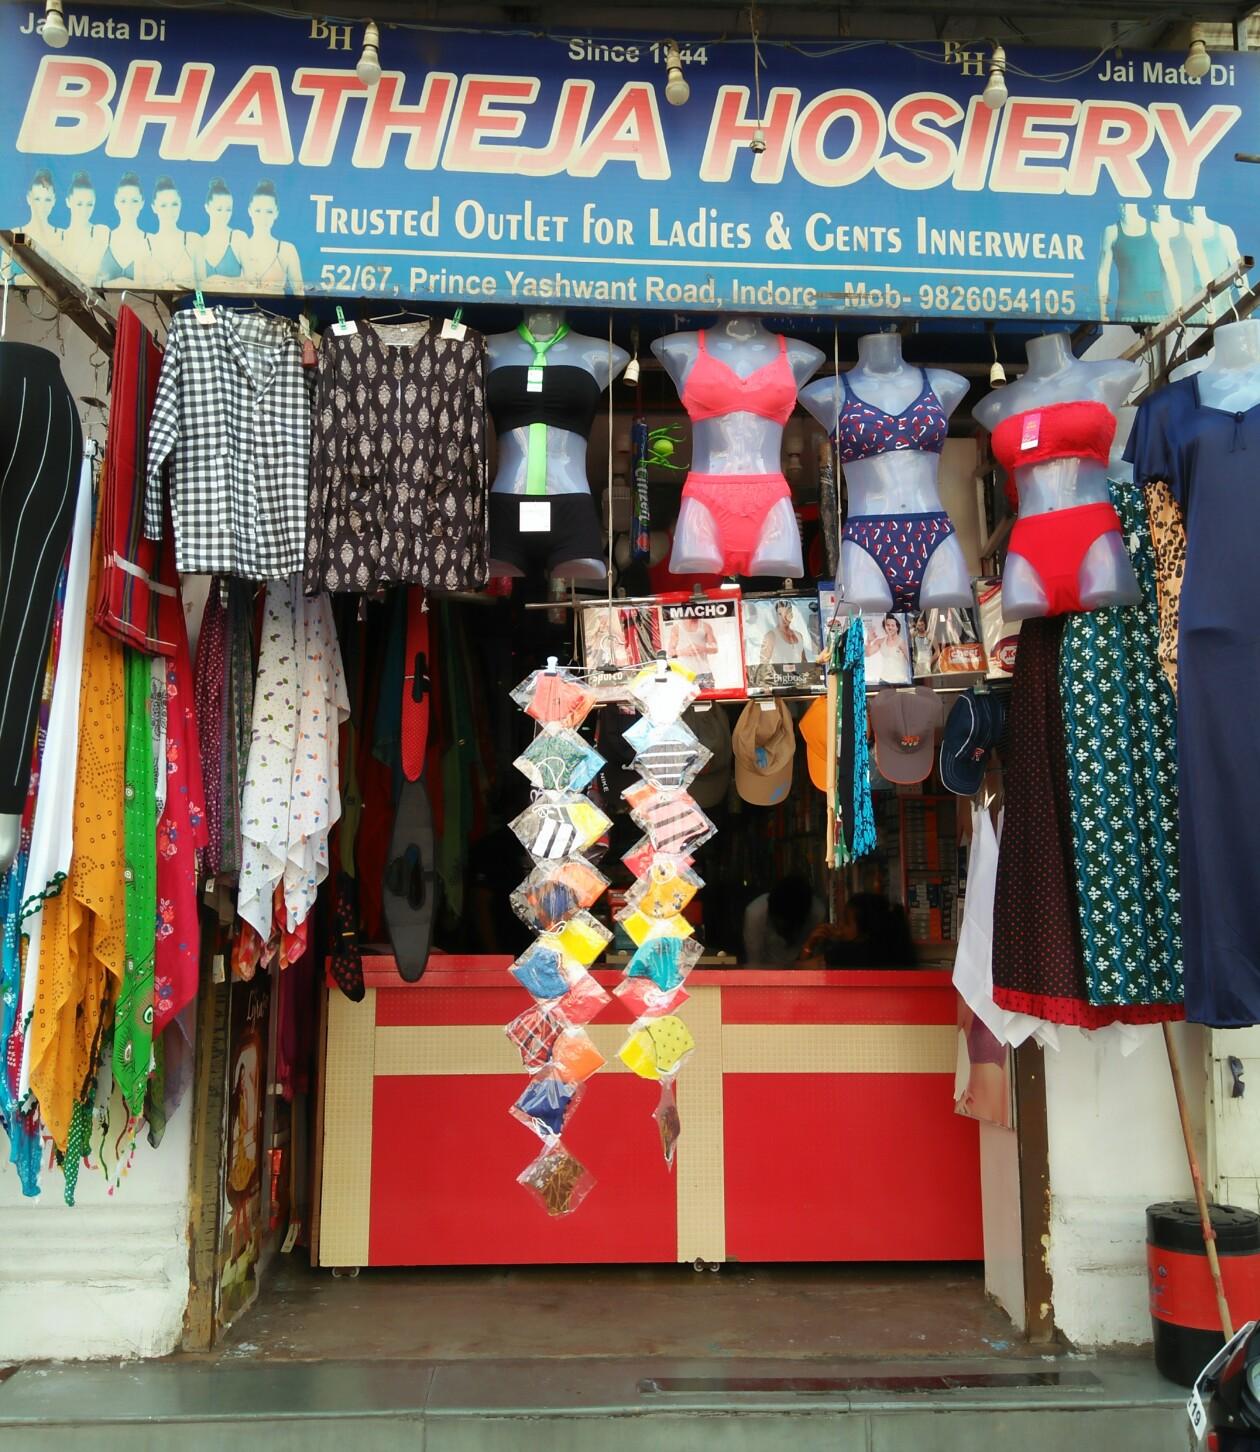 Bhatheja hosiery